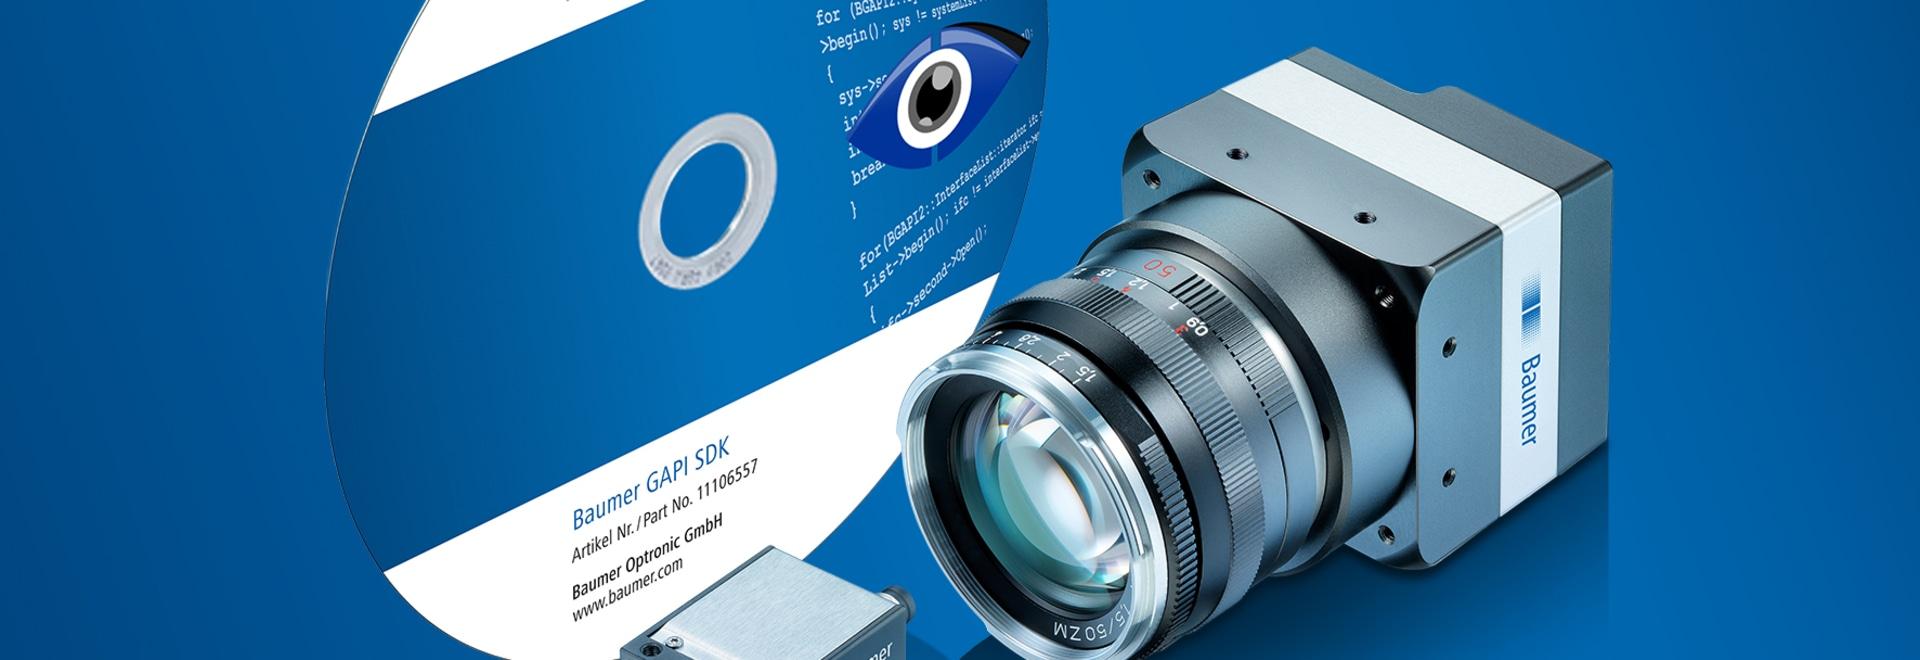 Mise en œuvre simple des applications Embedded Vision avec le nouveau Baumer GAPI SDK pour processeurs ARM®